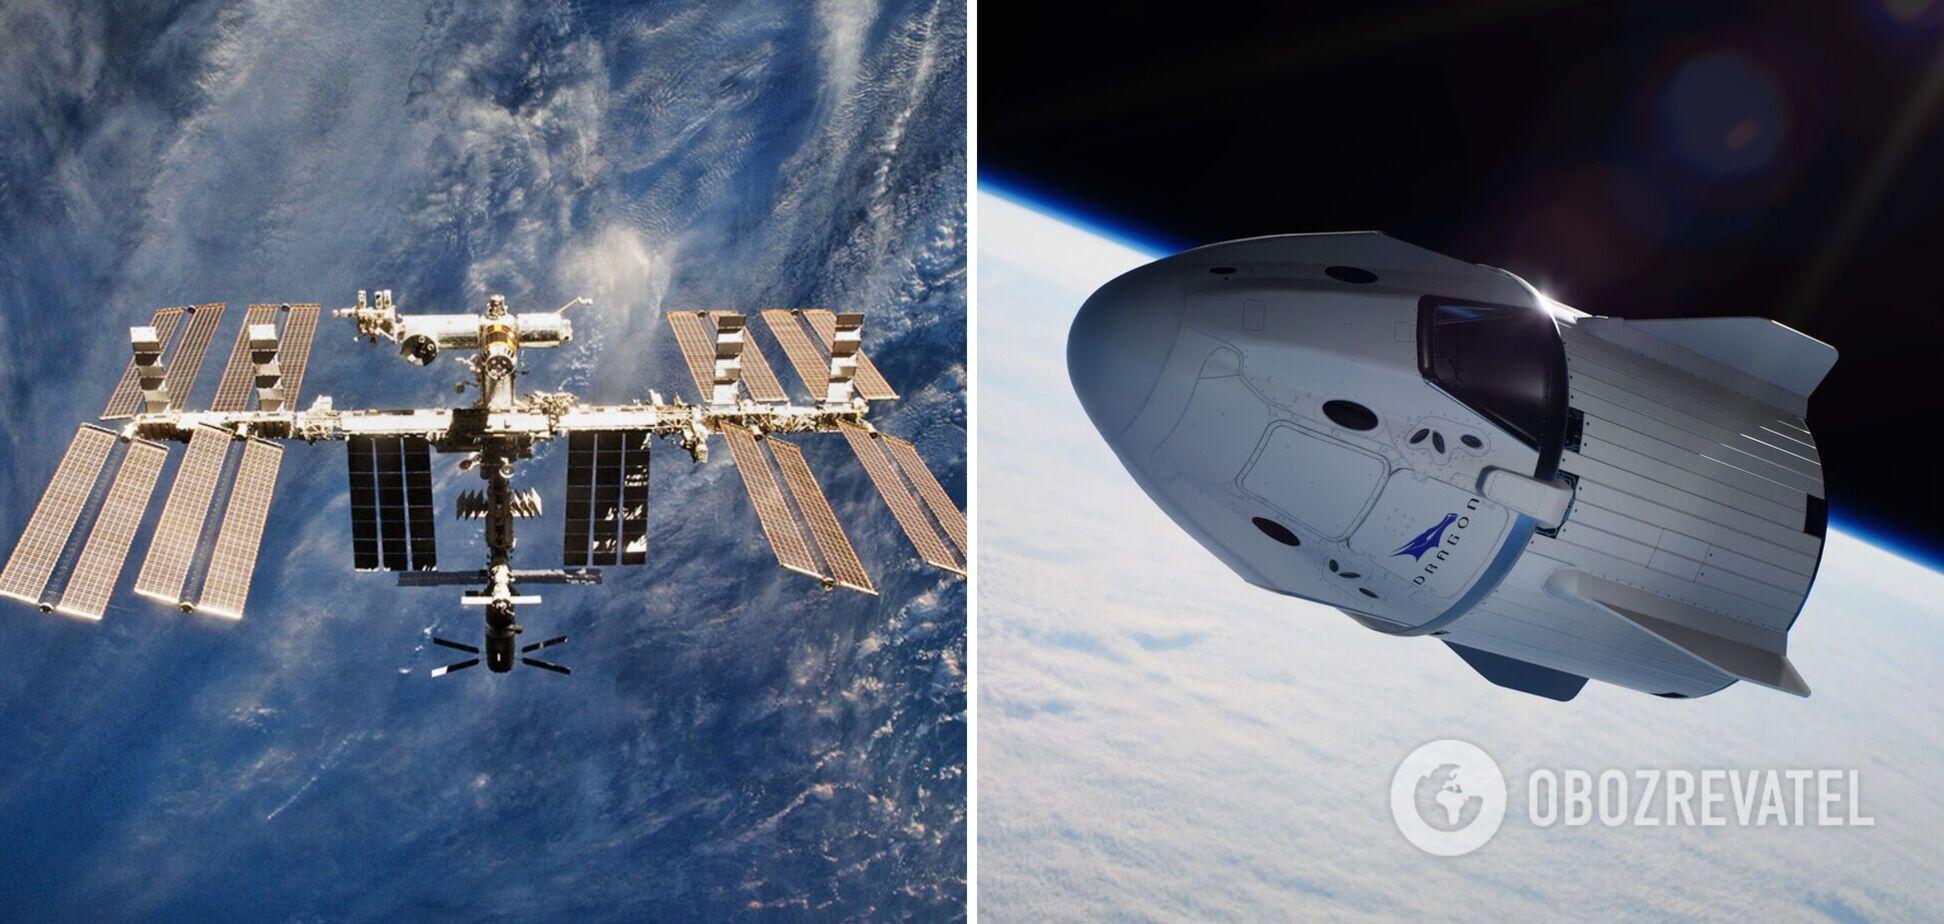 Корабль Crew Dragon с астронавтами пристыковался к МКС. Видео